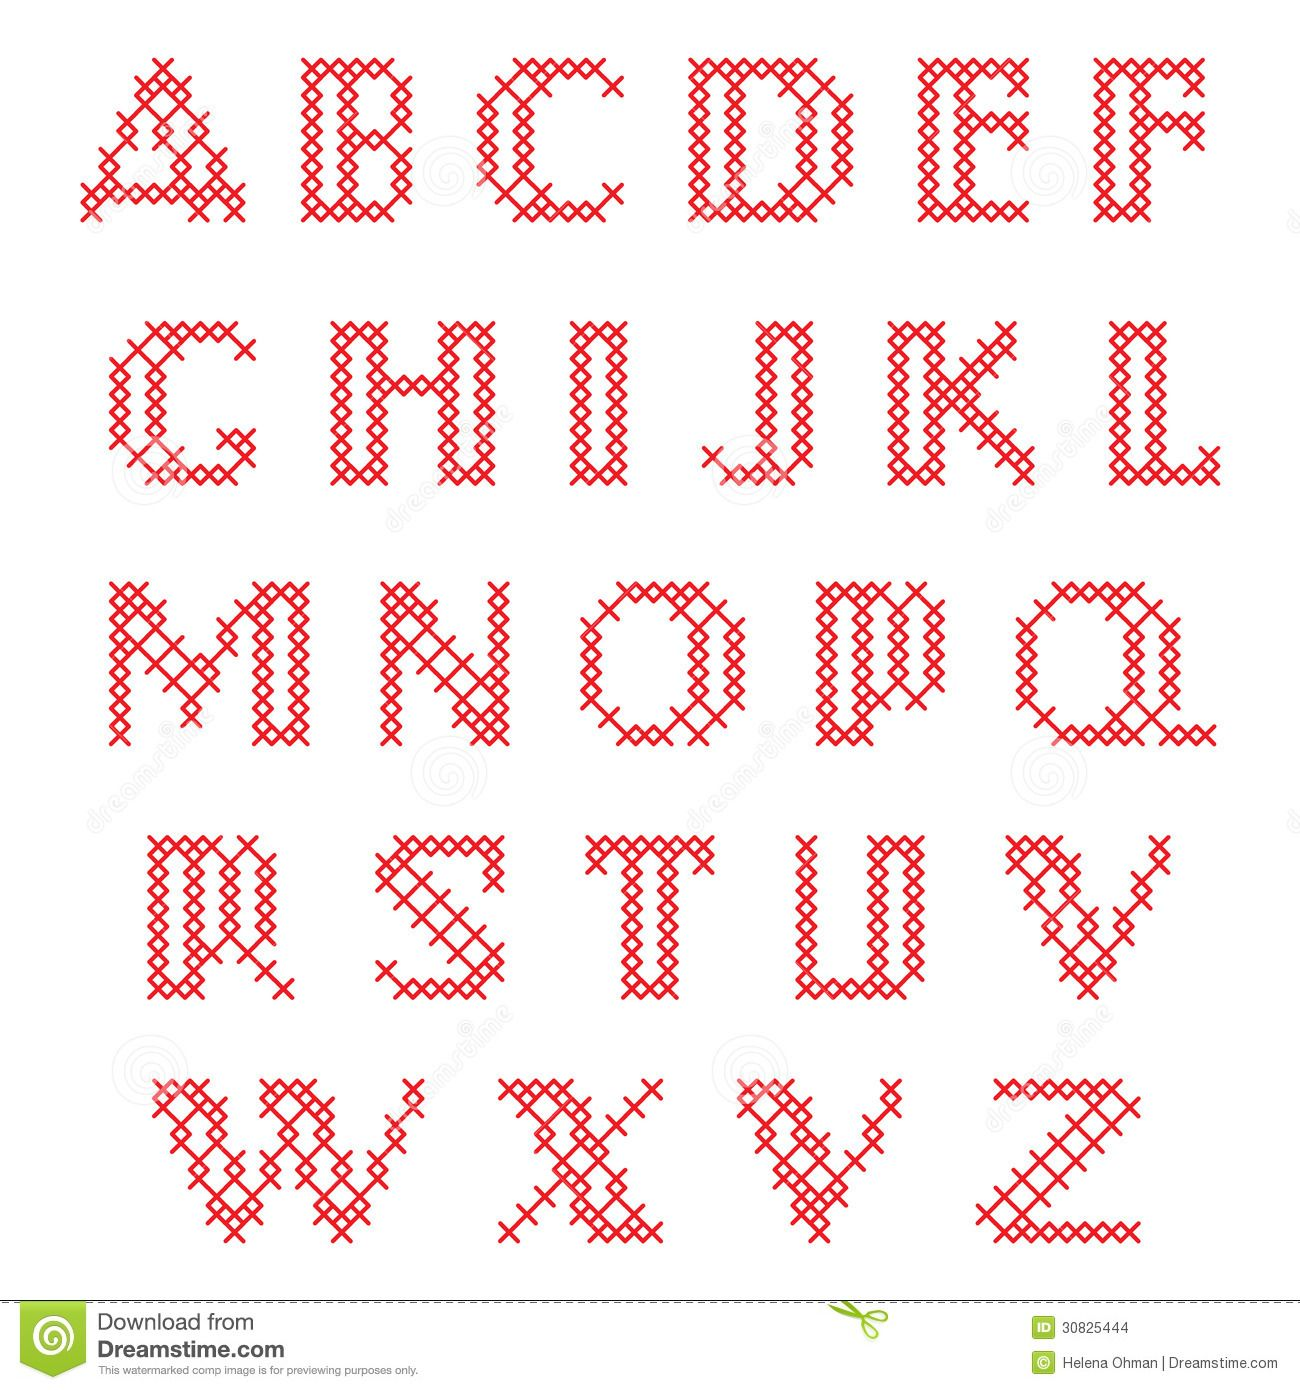 Kreuzstich alphabet stockbilder bild 30825444 sticken for Sticken vorlagen kostenlos